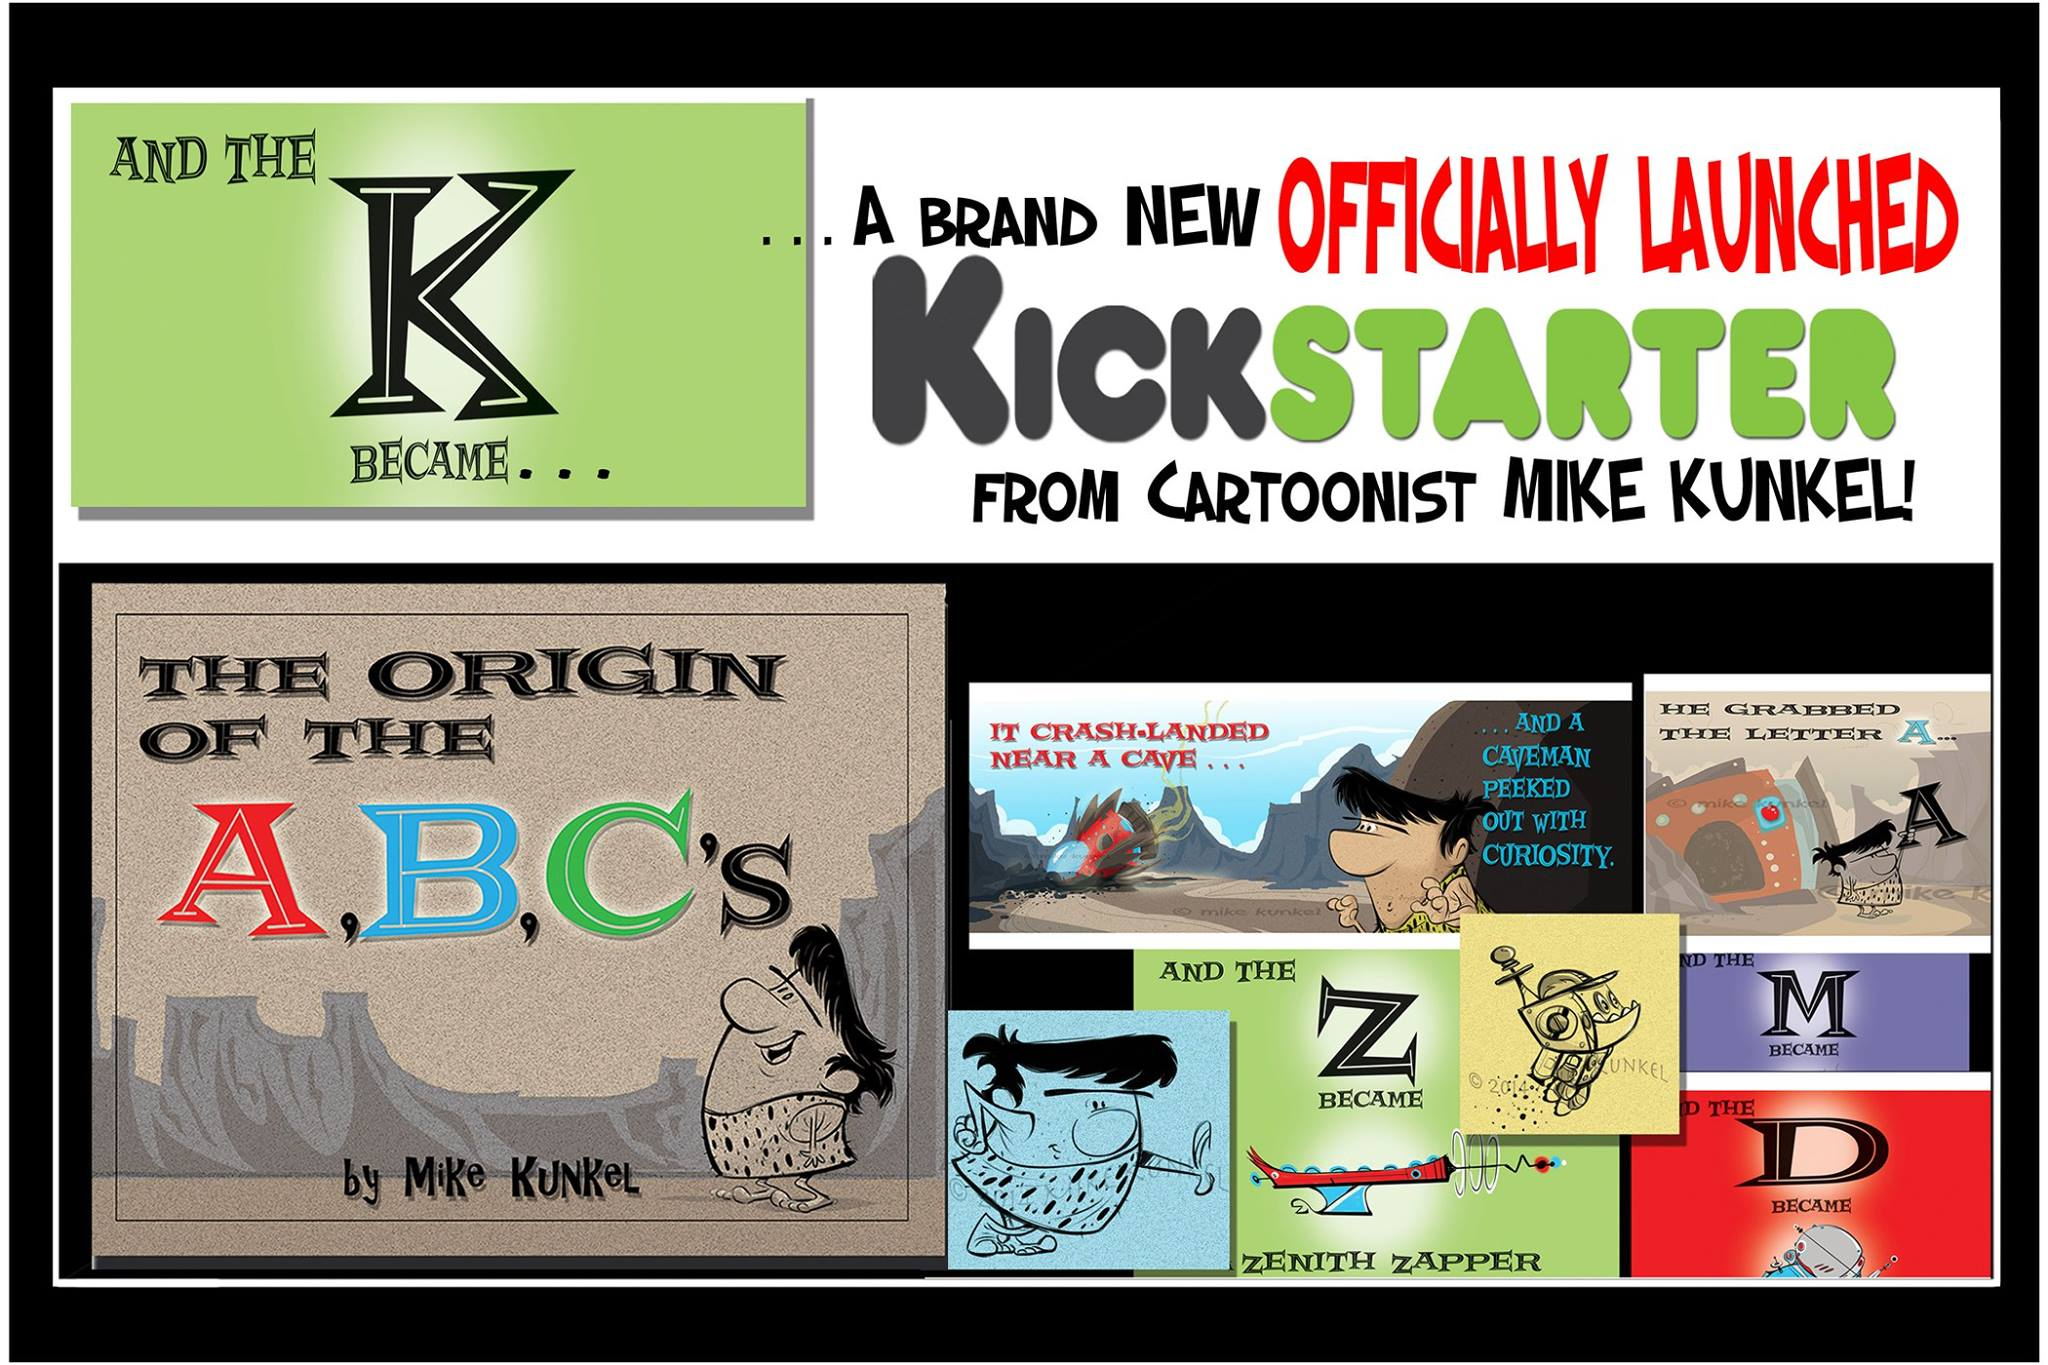 ABC KickstarterLaunch